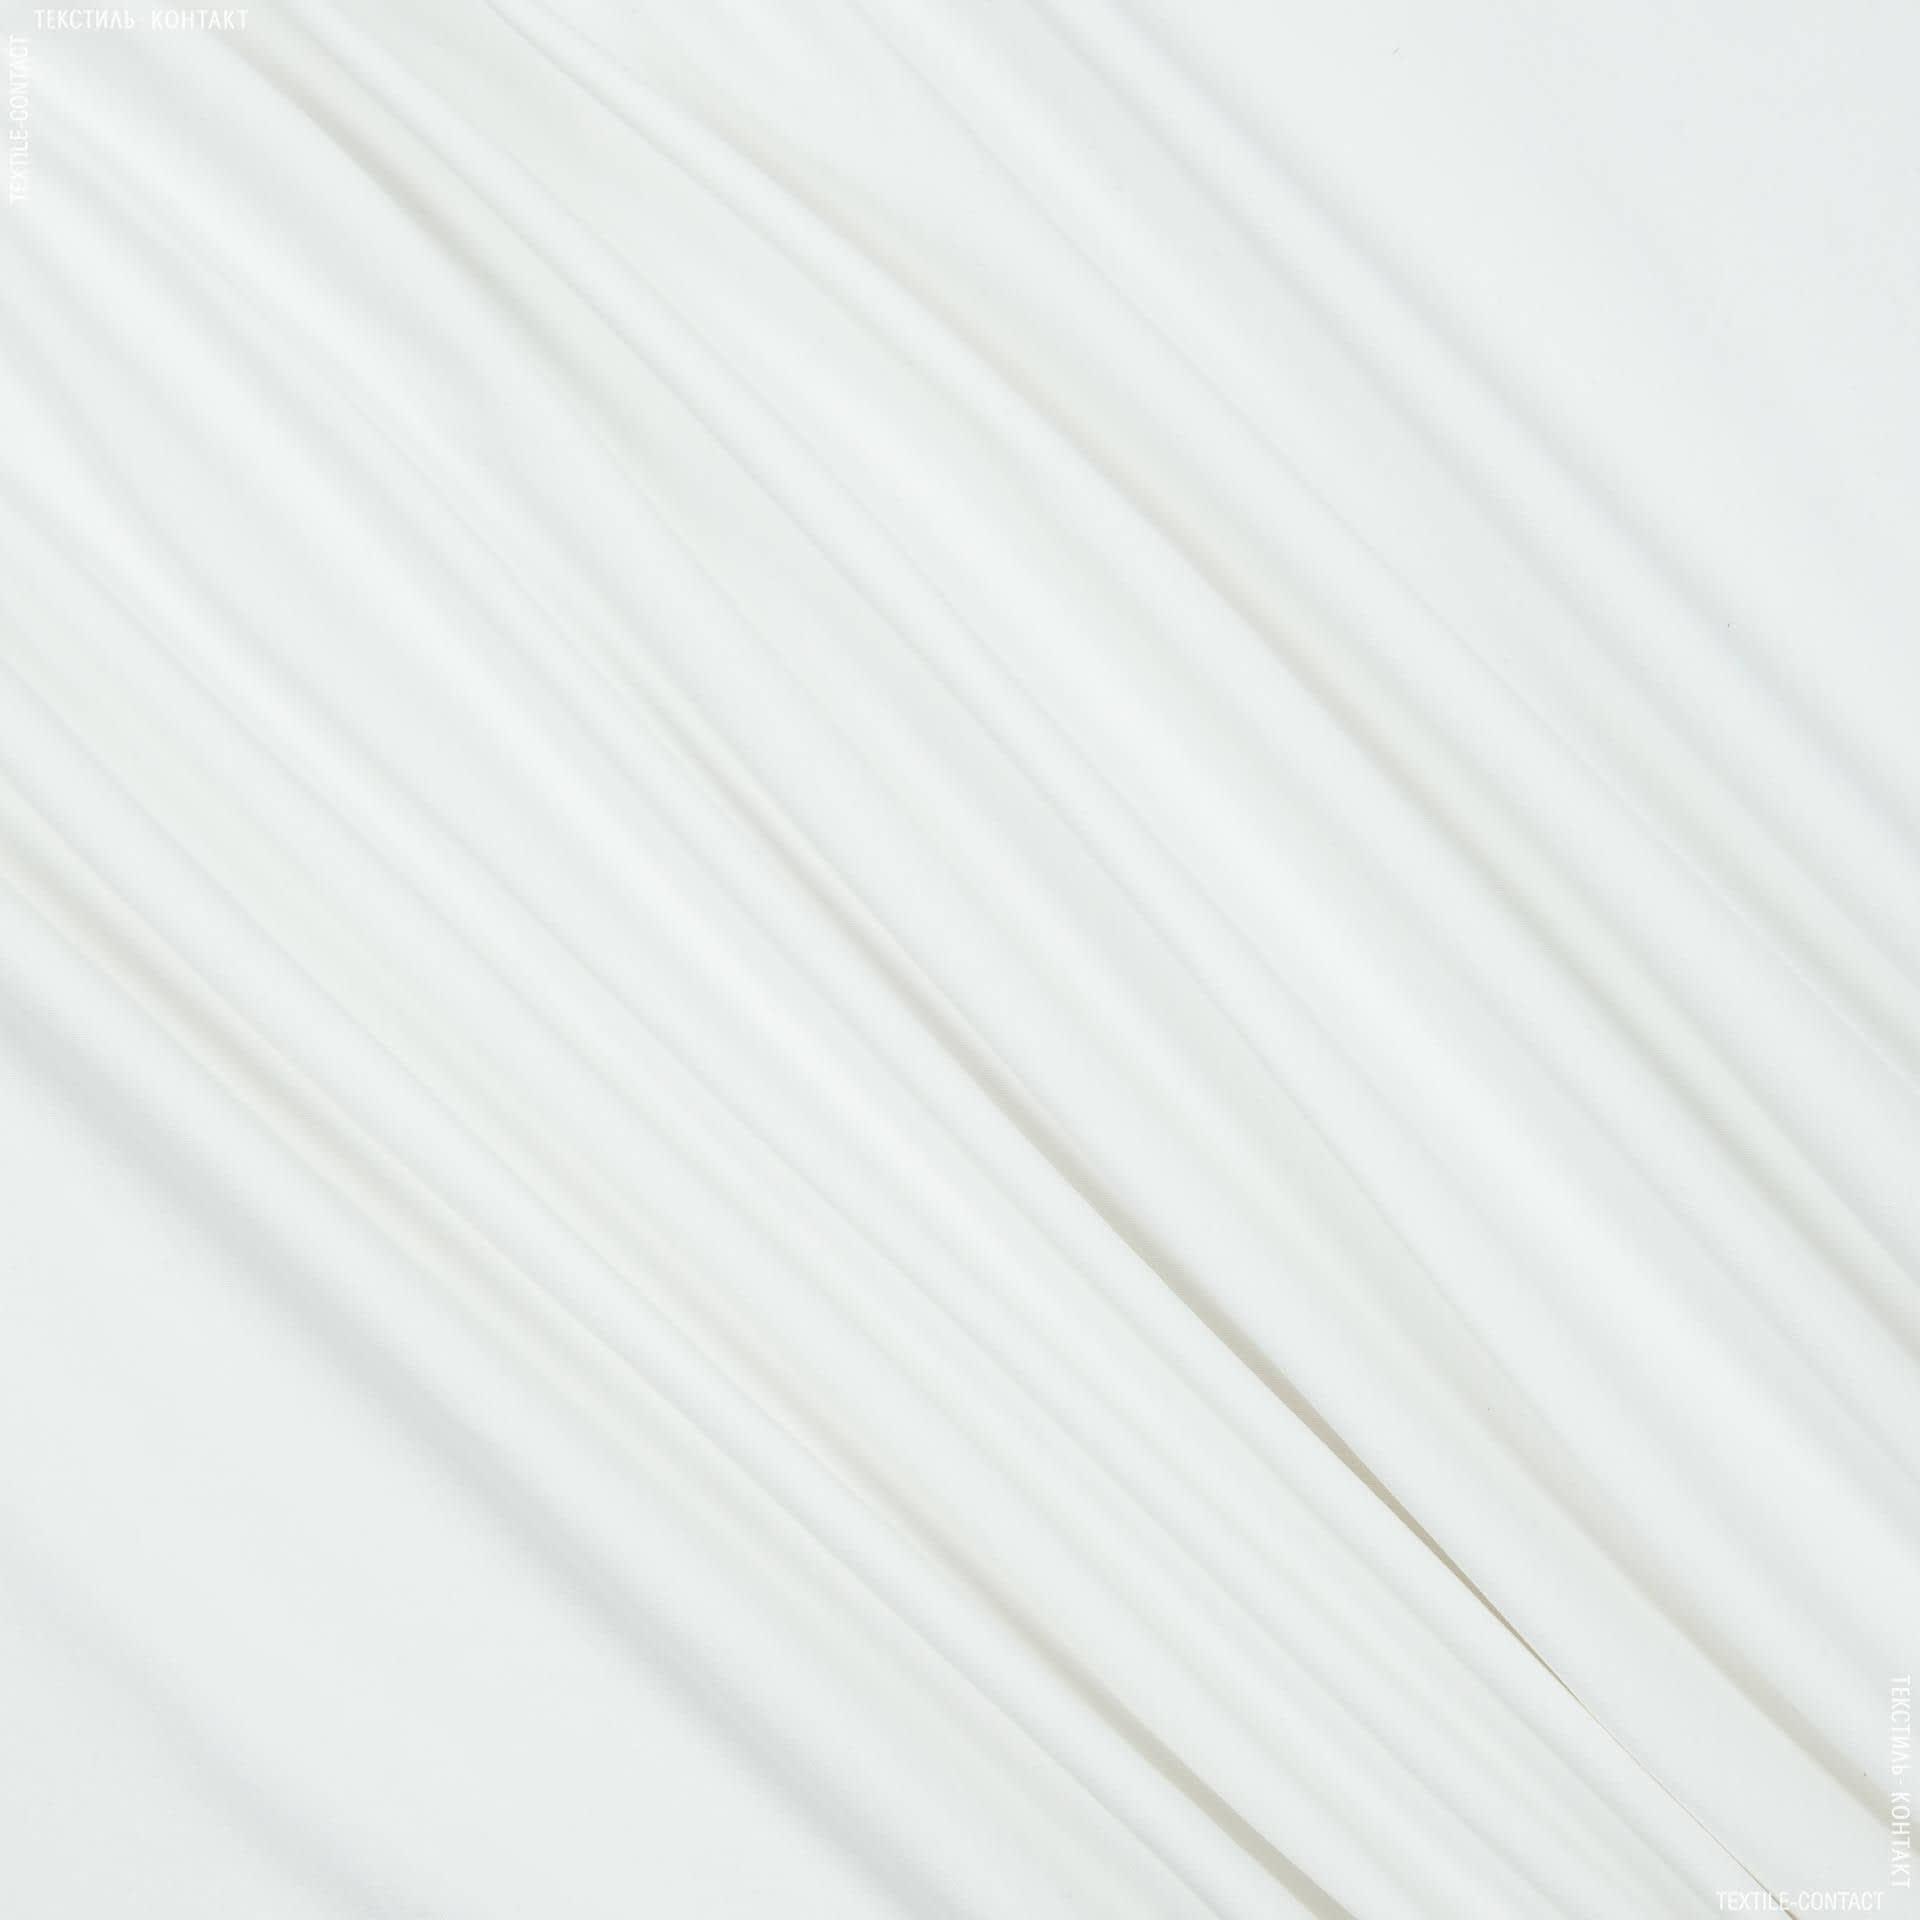 Ткани для брюк - Хеви-коттон белый